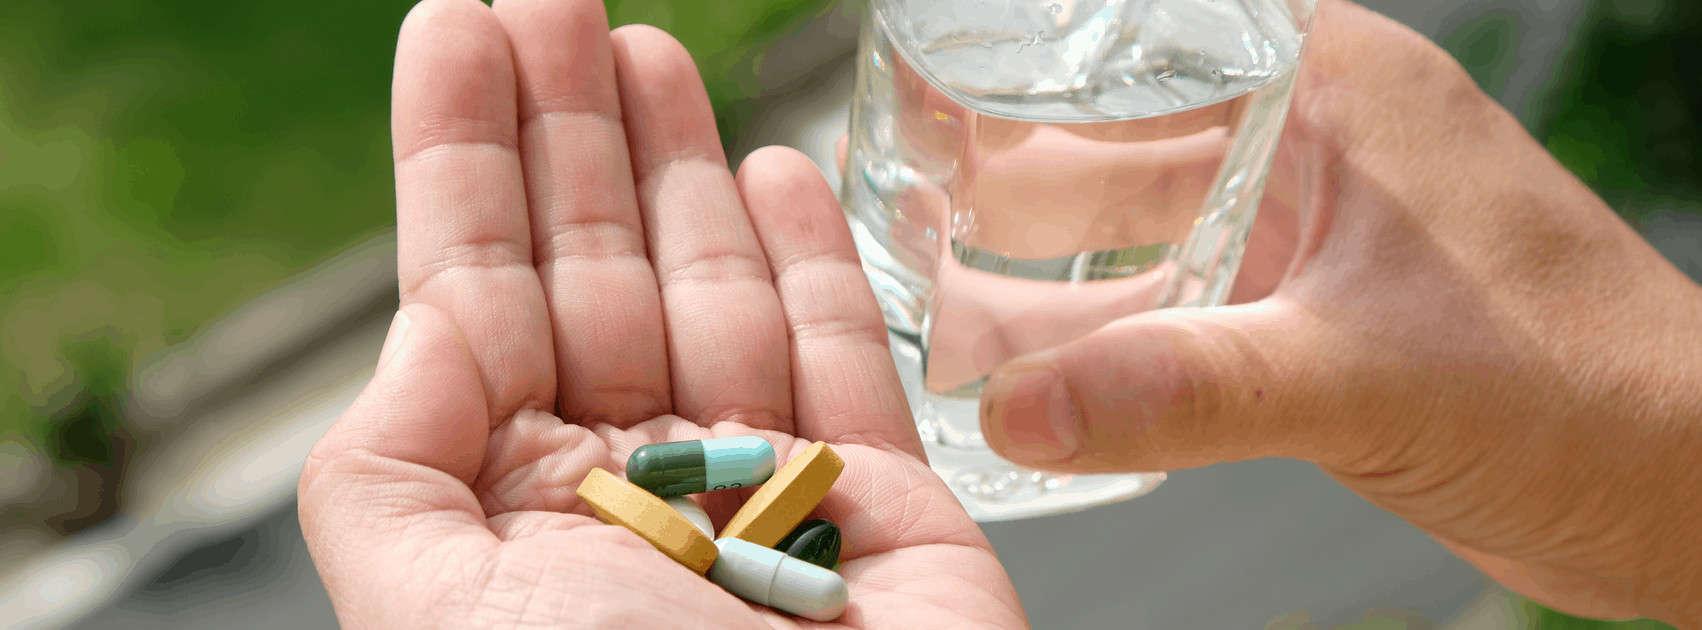 handen met medicijnen en glas water